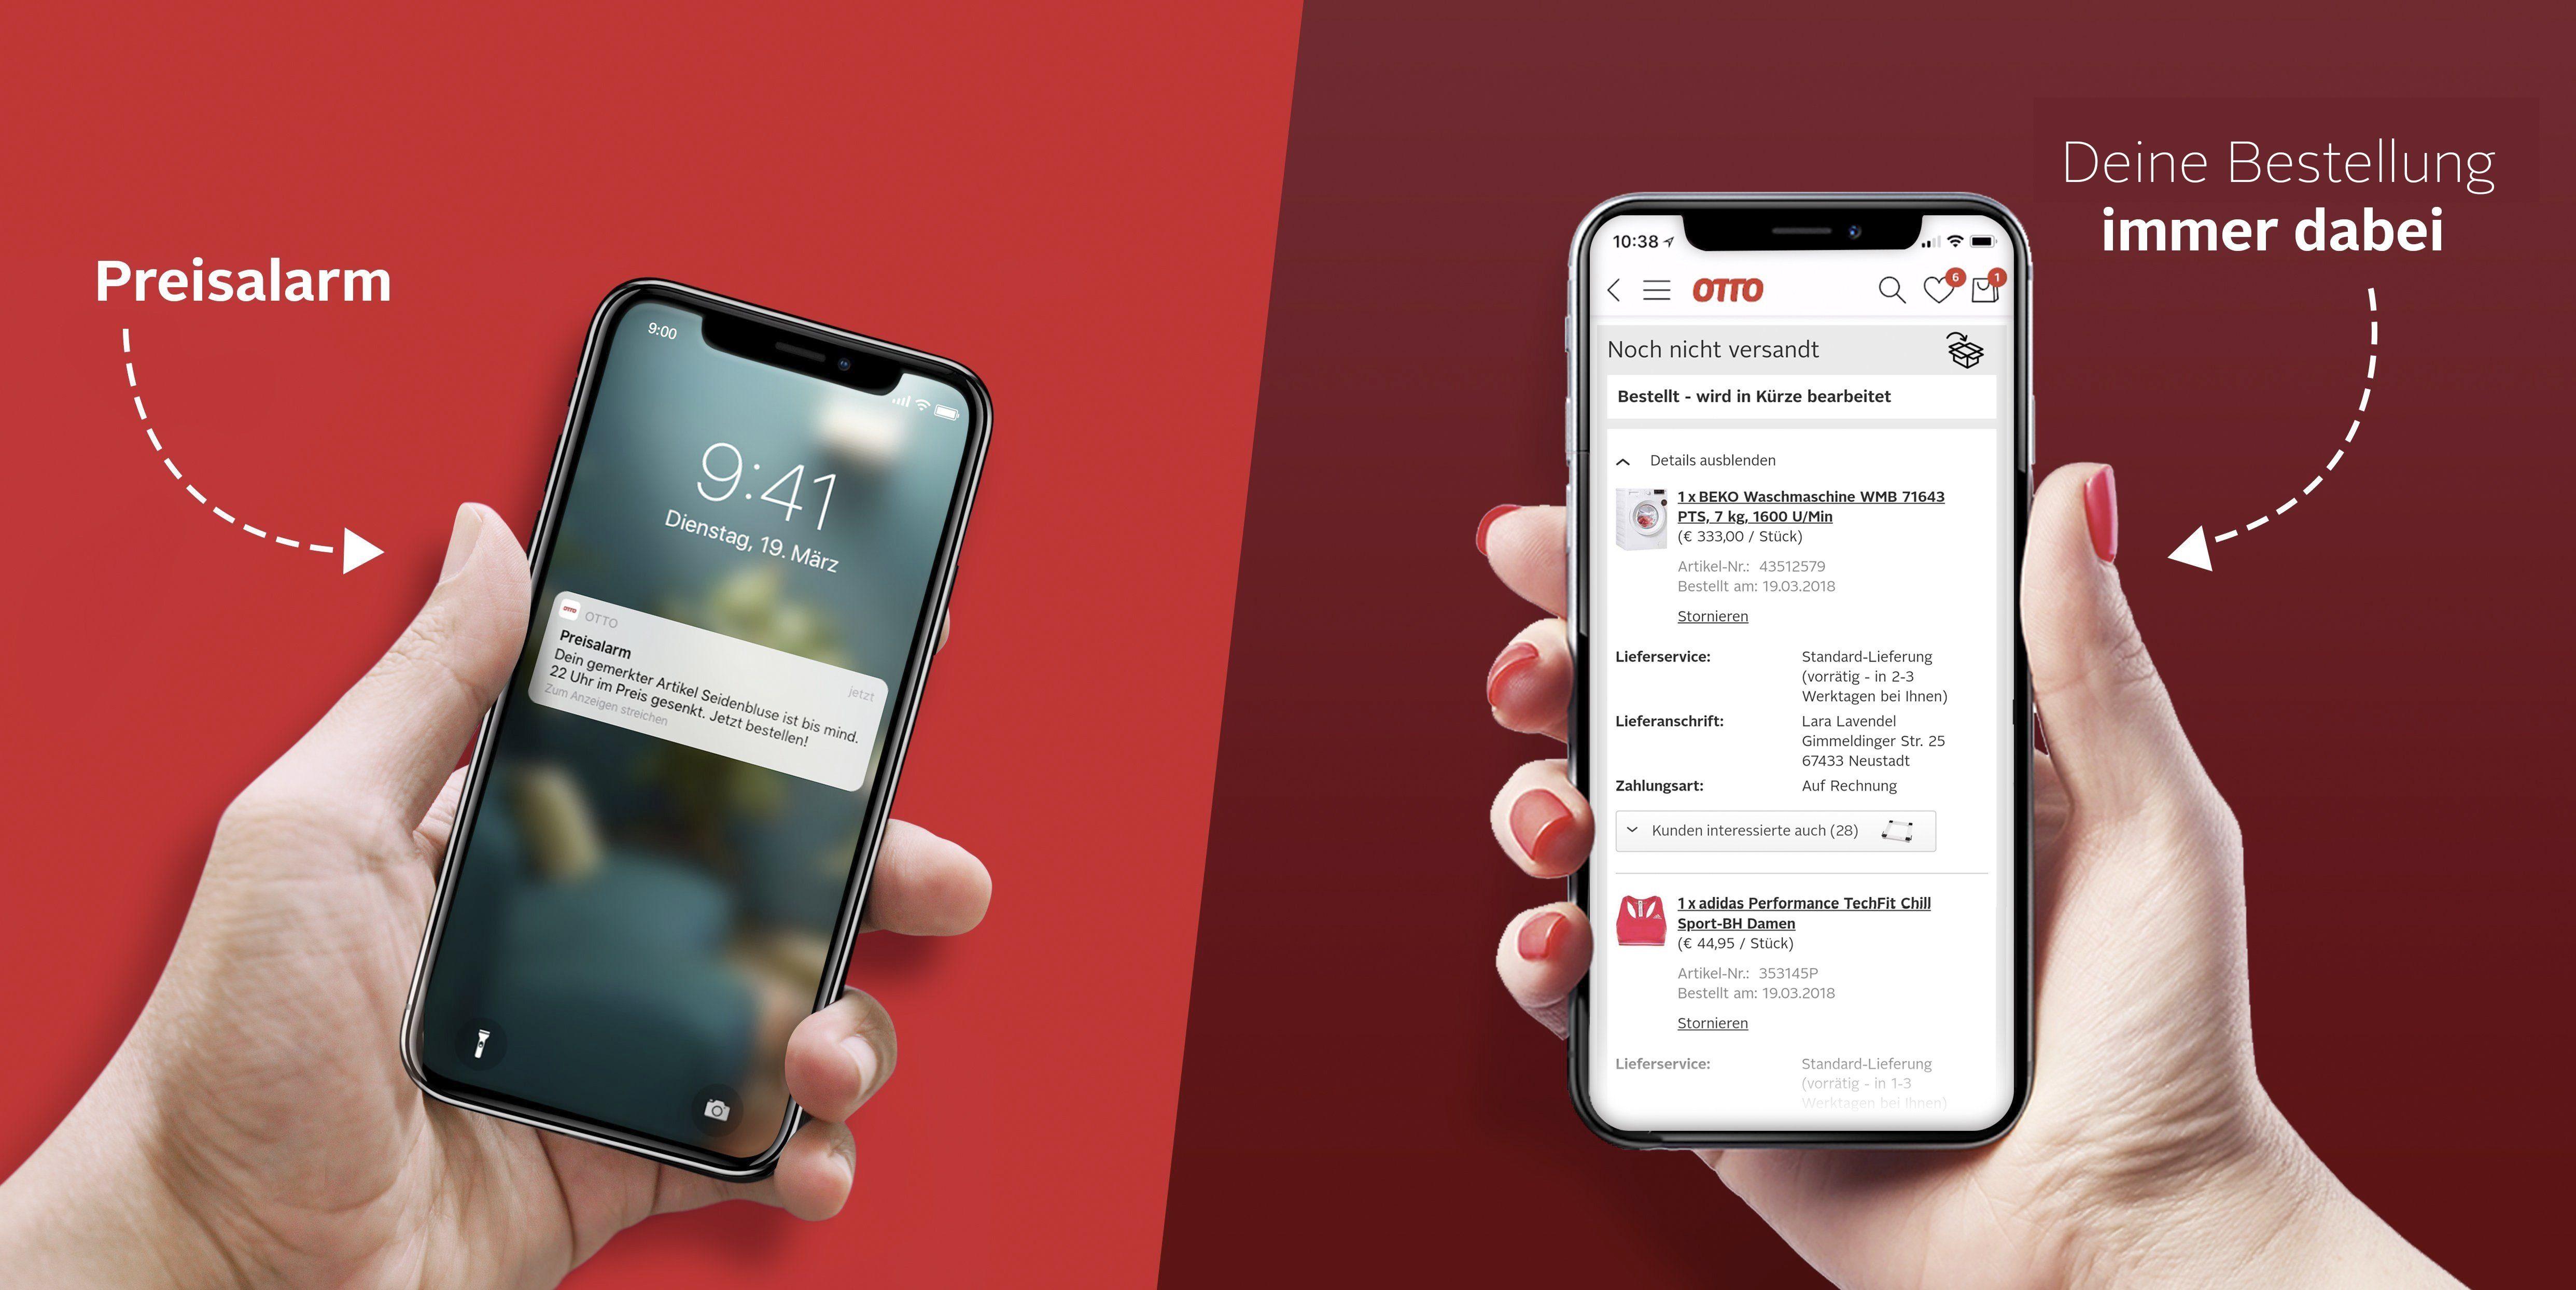 OTTO-App Preisalarm und Bestelluebersicht